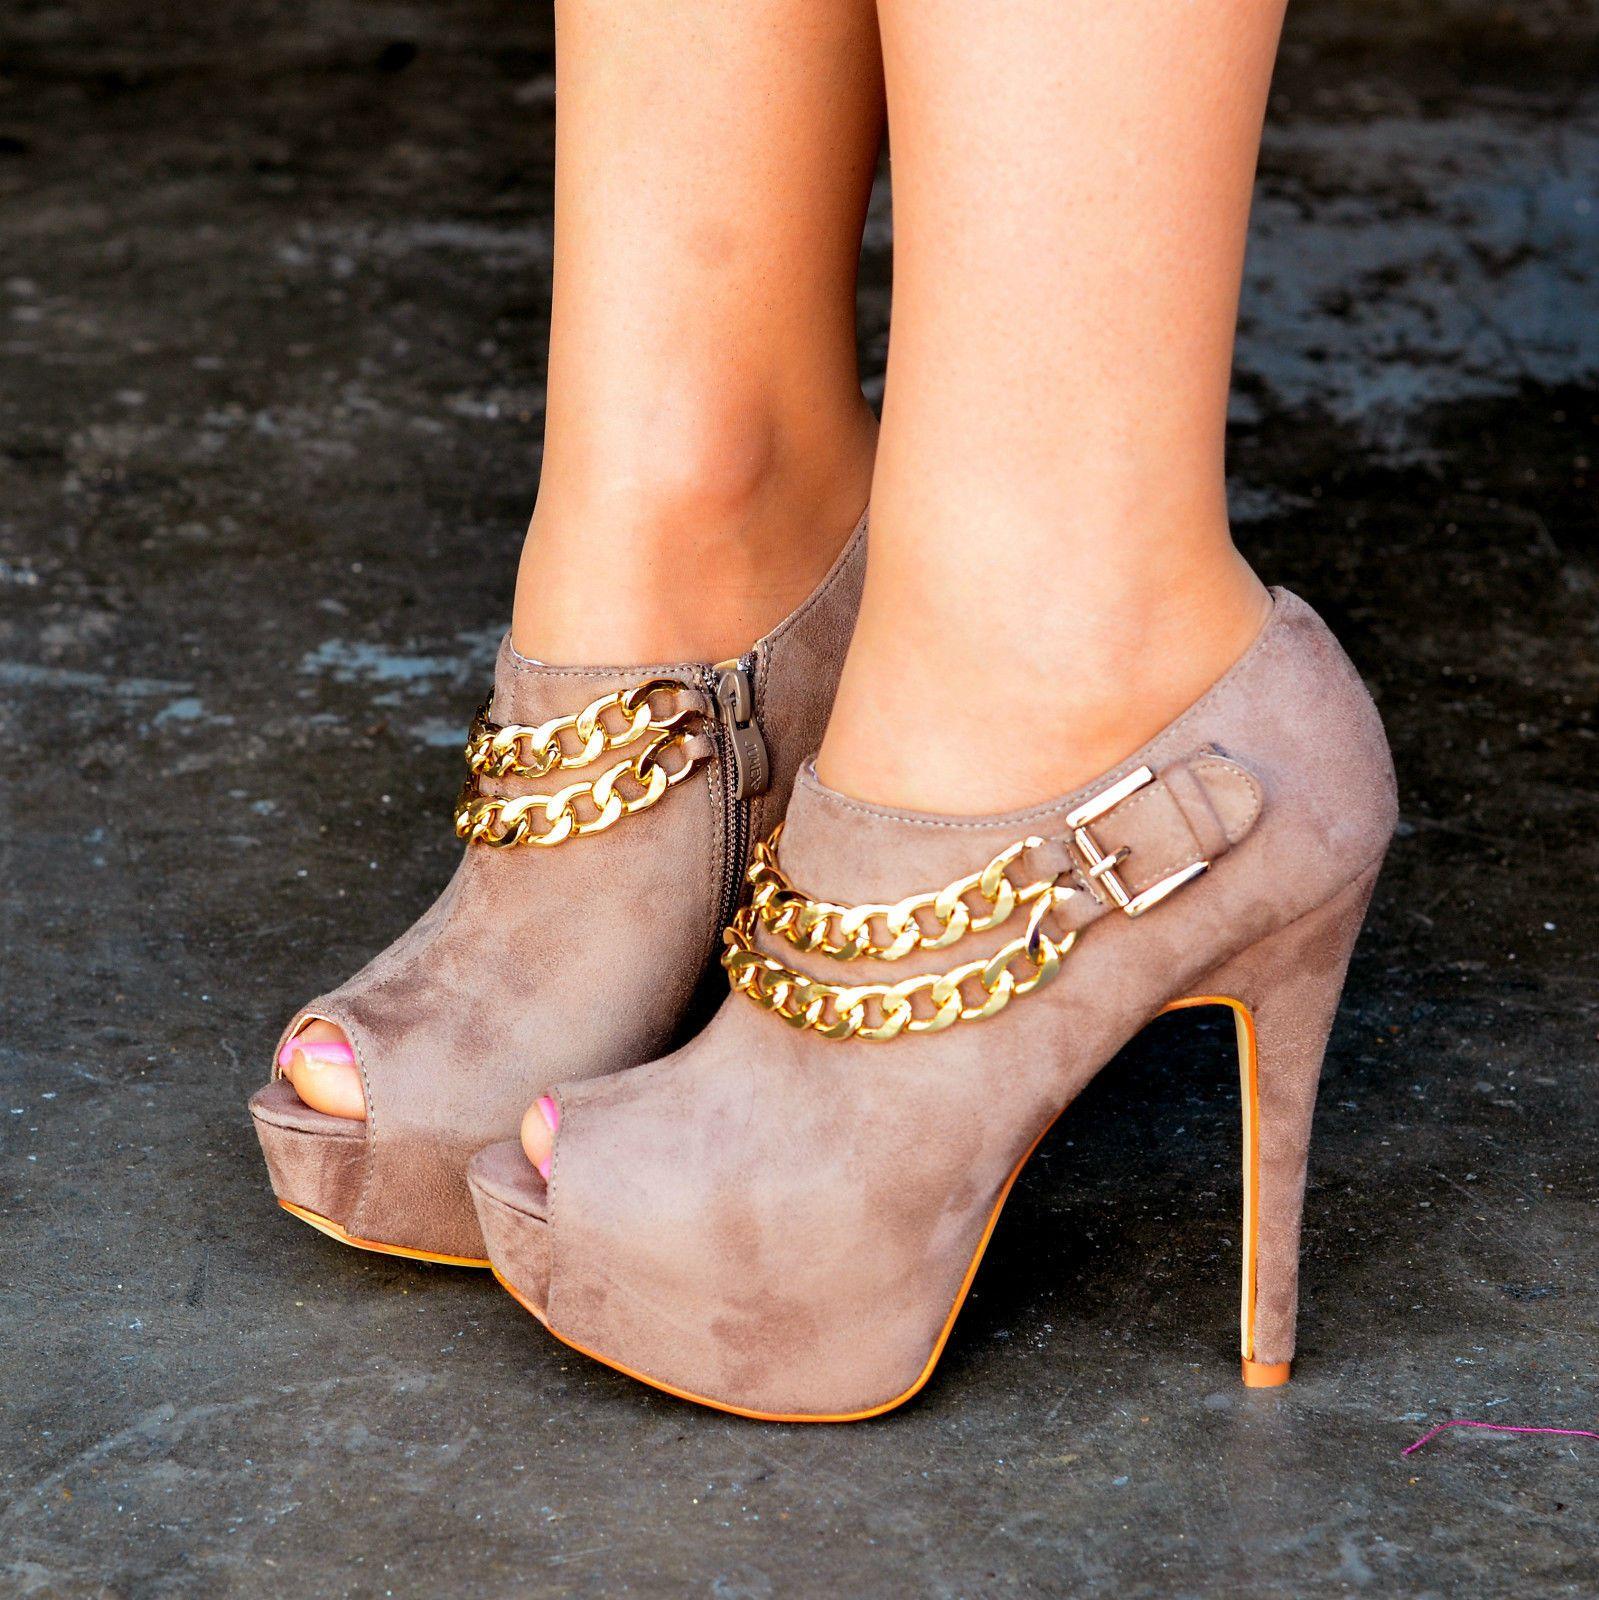 0864d3326b0 Mujer Dorado cadenas Botas De Plataforma zapatos punta abierta Botines |  eBay